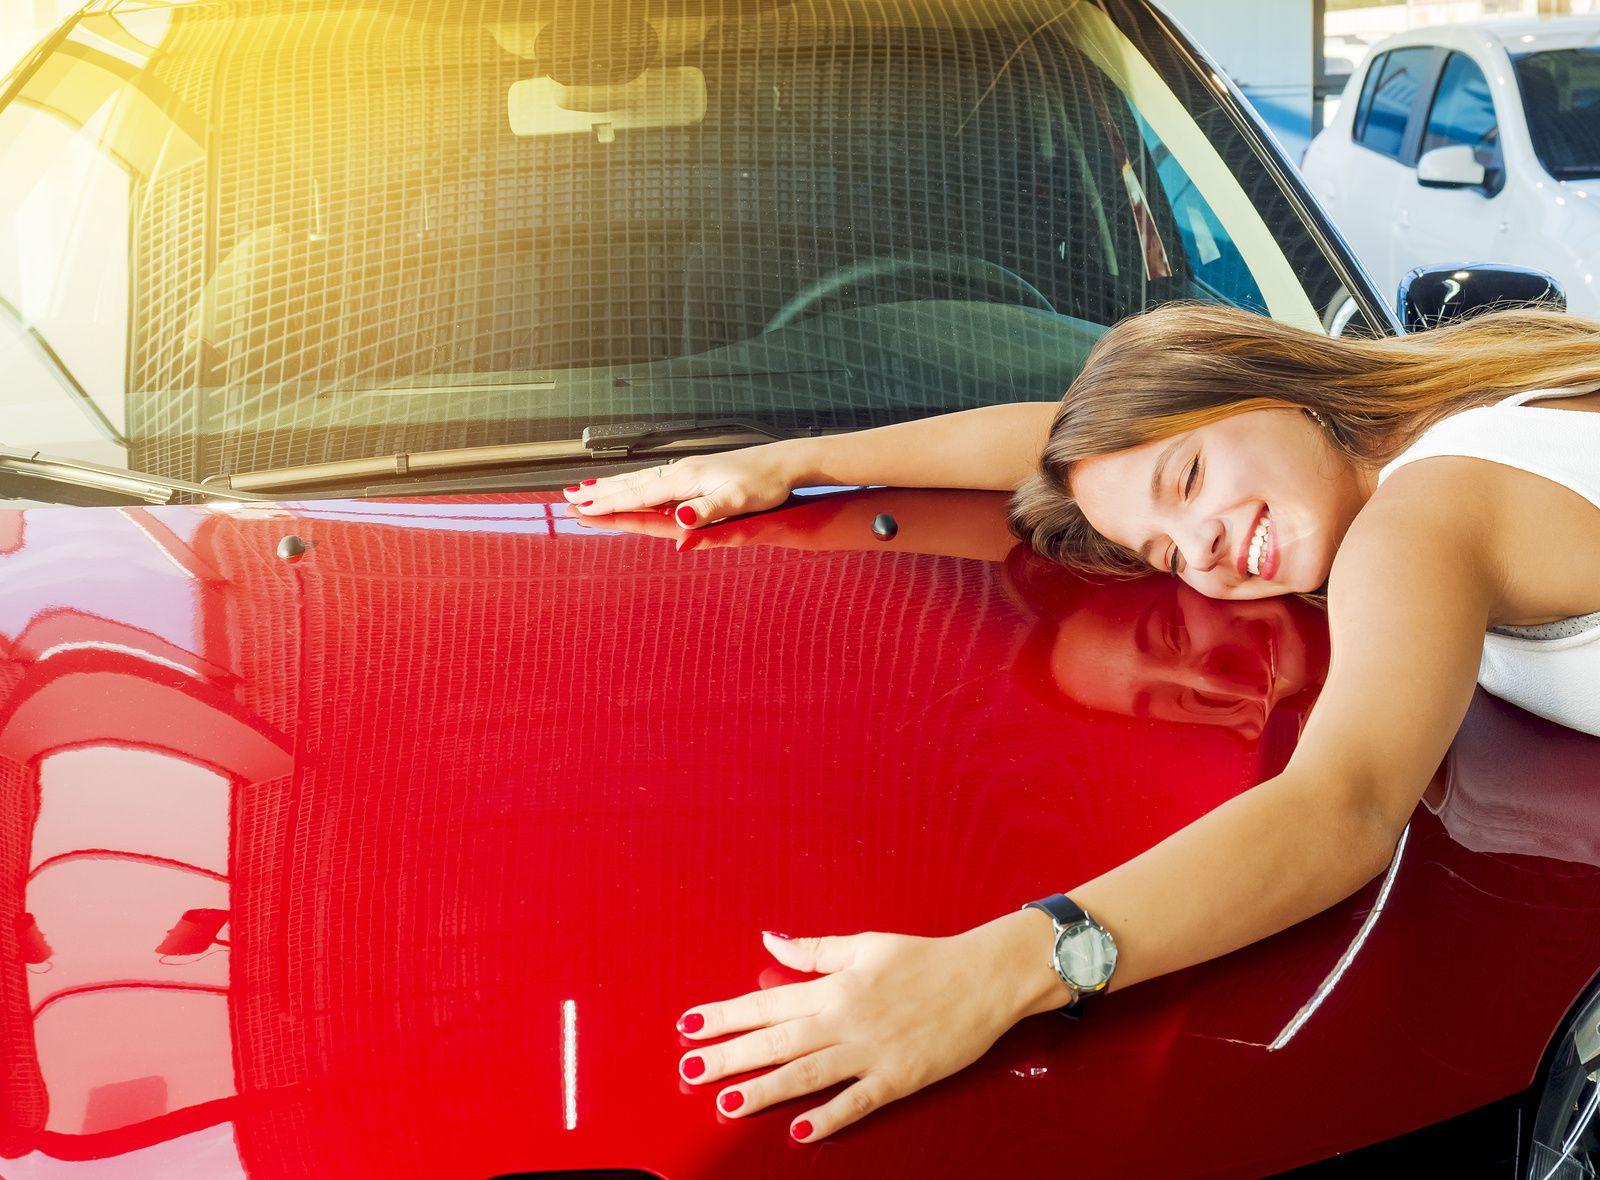 Les 15 choses à savoir et à vérifier quand on achète une nouvelle voiture